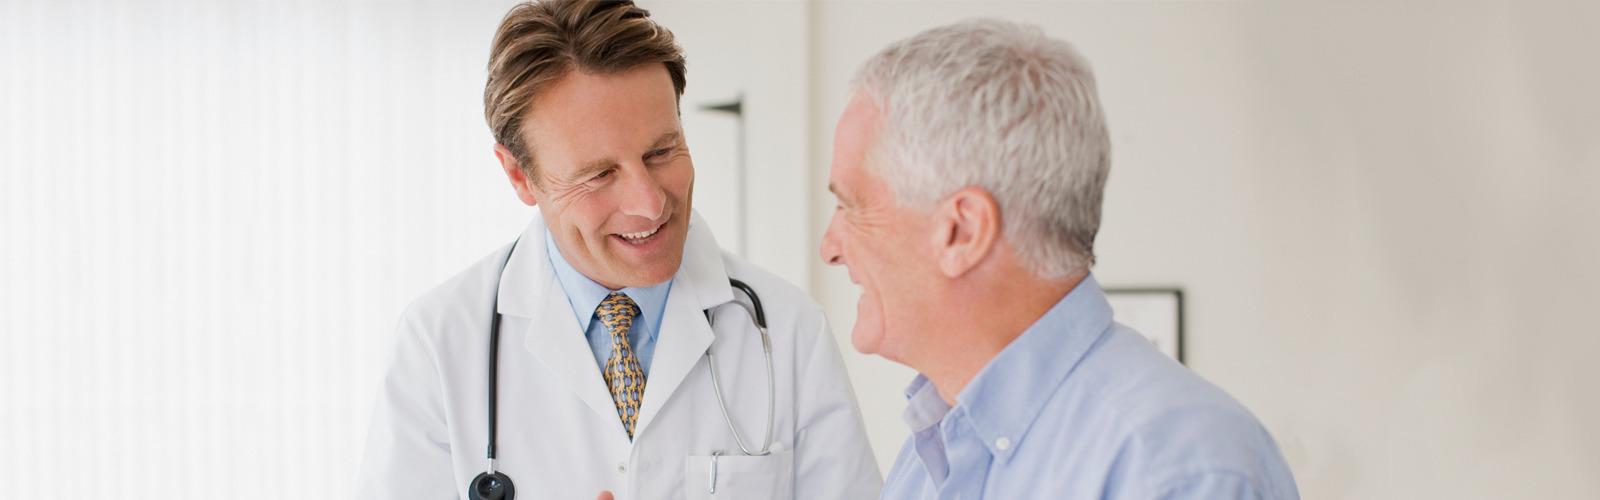 Consulte o seu urologista